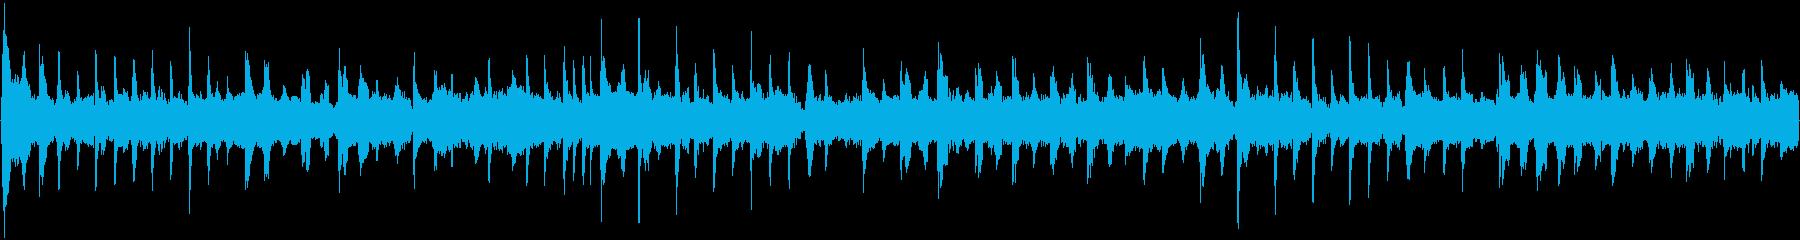 【23秒サビループ】ベルと笛の華麗ポップの再生済みの波形